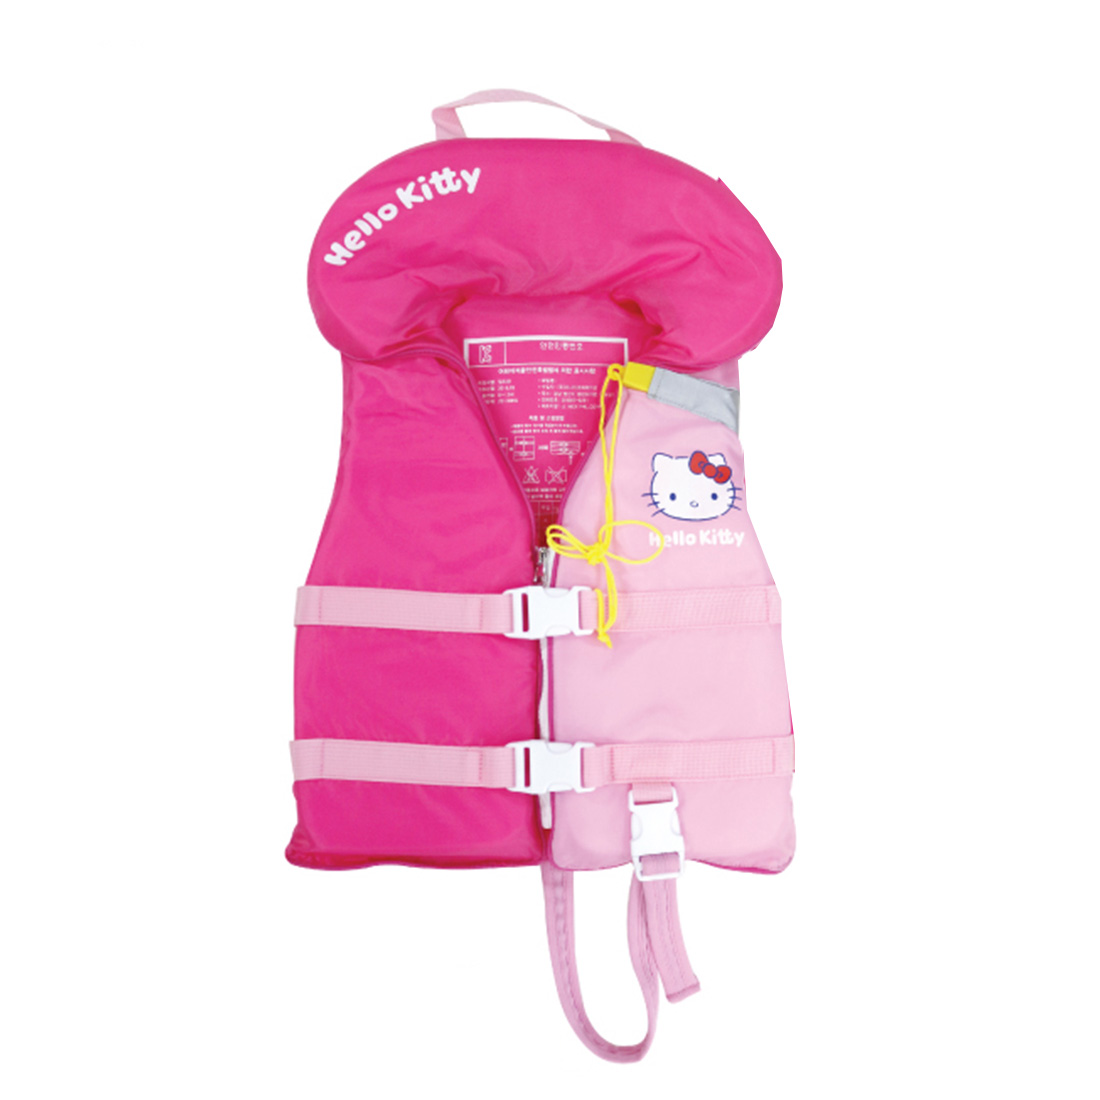 사나디 아동용 헬로키티 수영 보조복 35kg, 핑크-15-5486186183